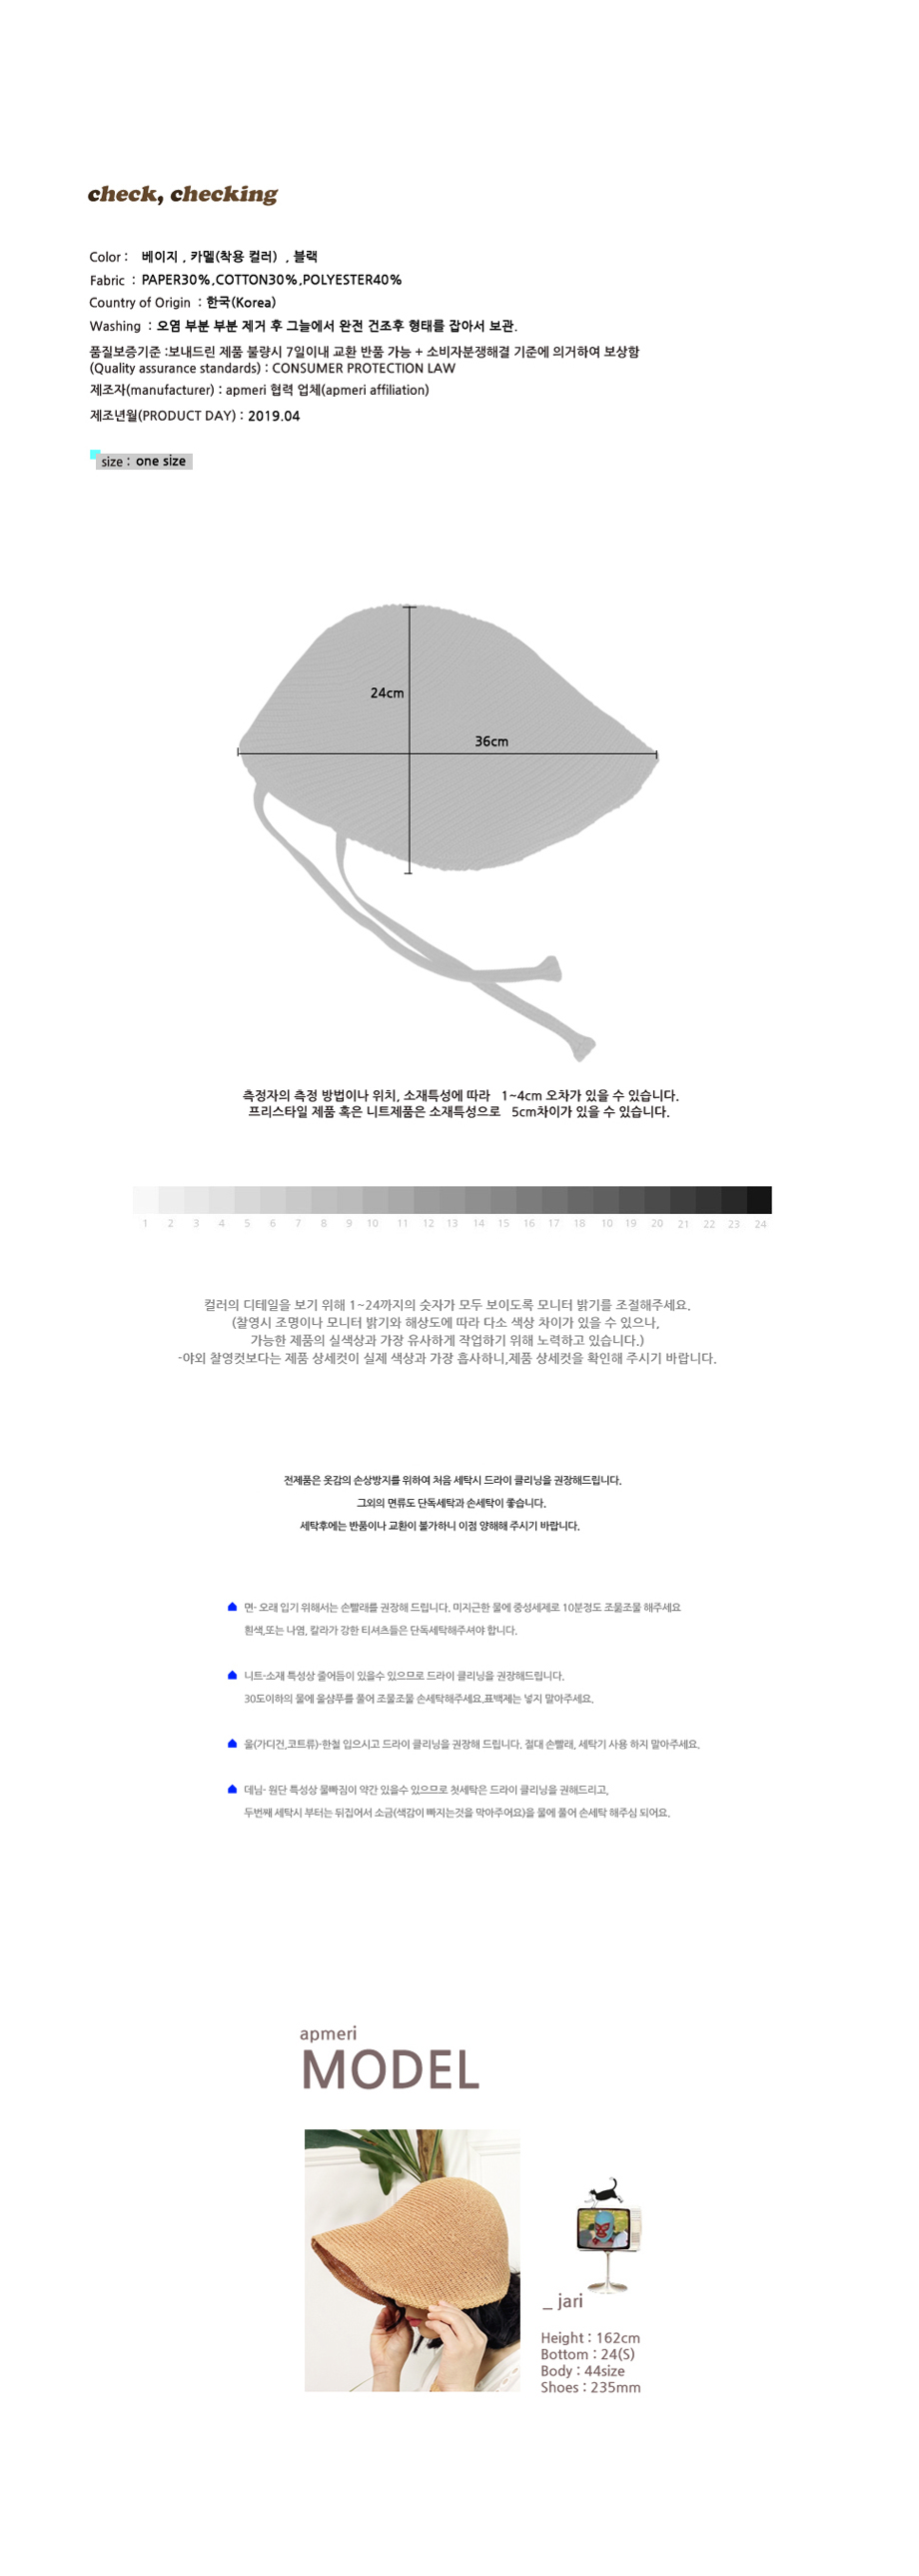 와이어챙 썸머 니트 보넷 벙거지 햇 - 앞머리, 26,500원, 모자, 밀짚모자